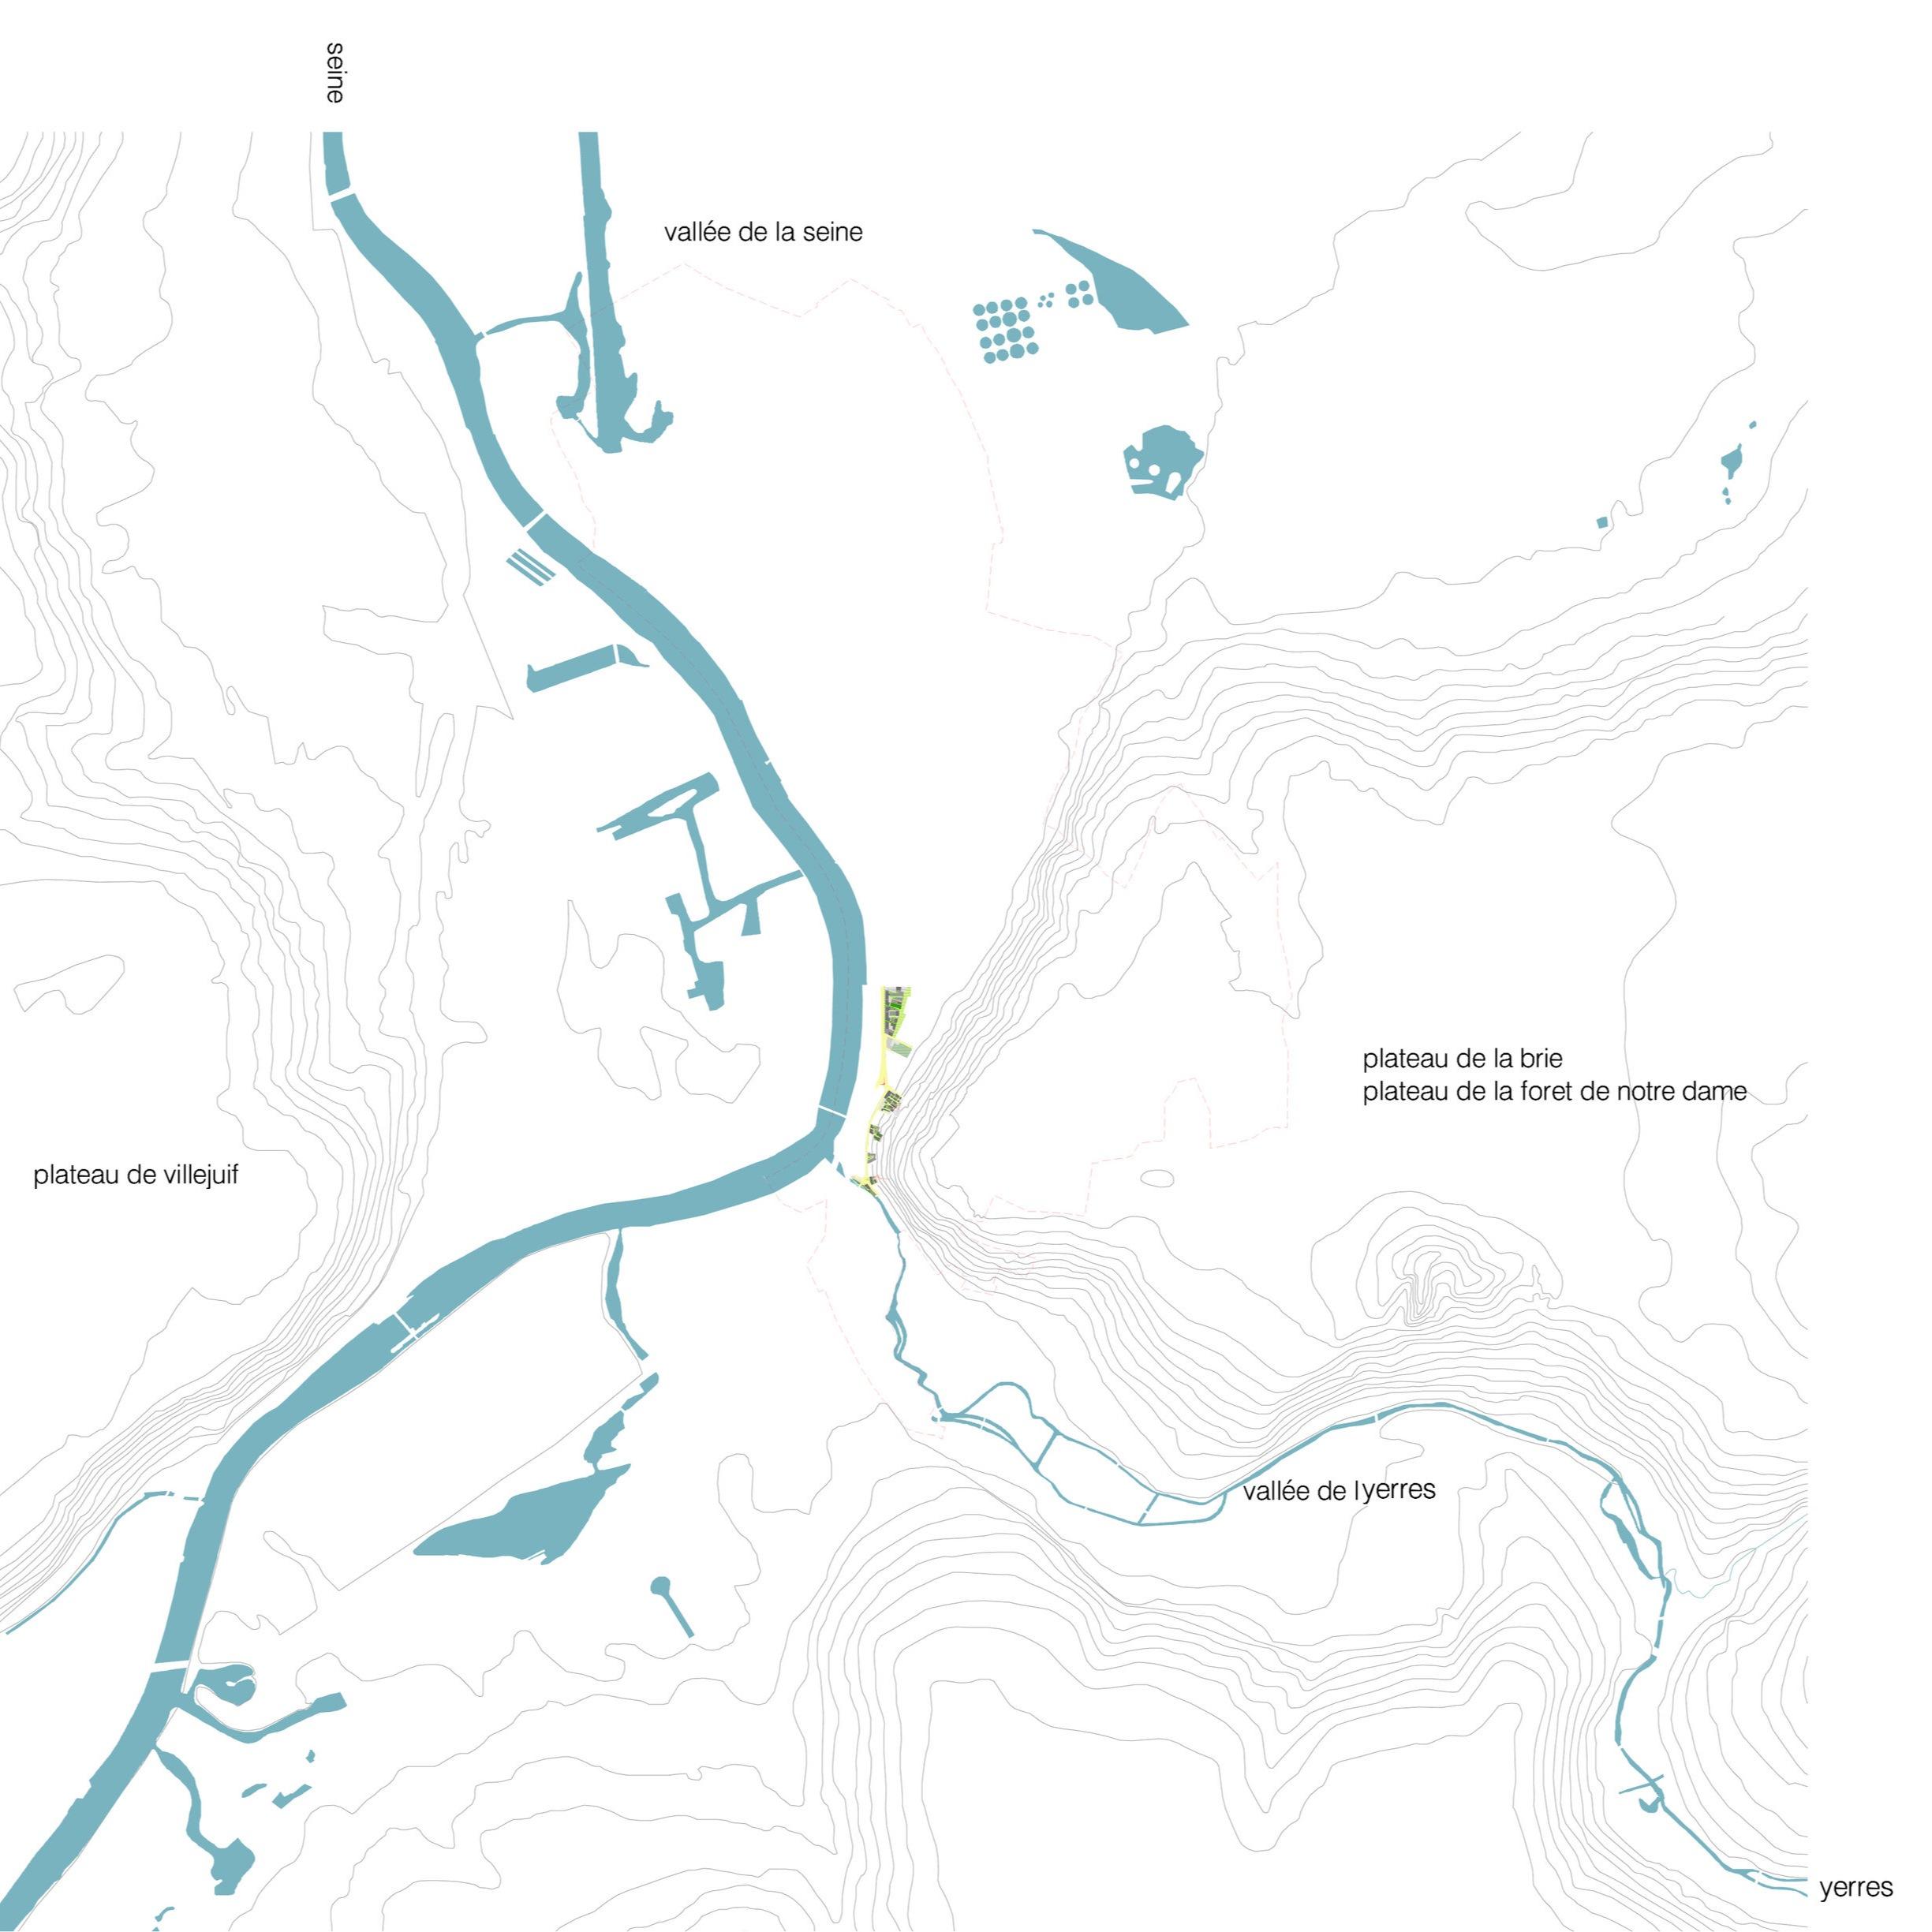 Projet Urbain Villeneuve Saint George - - VILLENEUVE SAINT GEORGE -AMO en cours